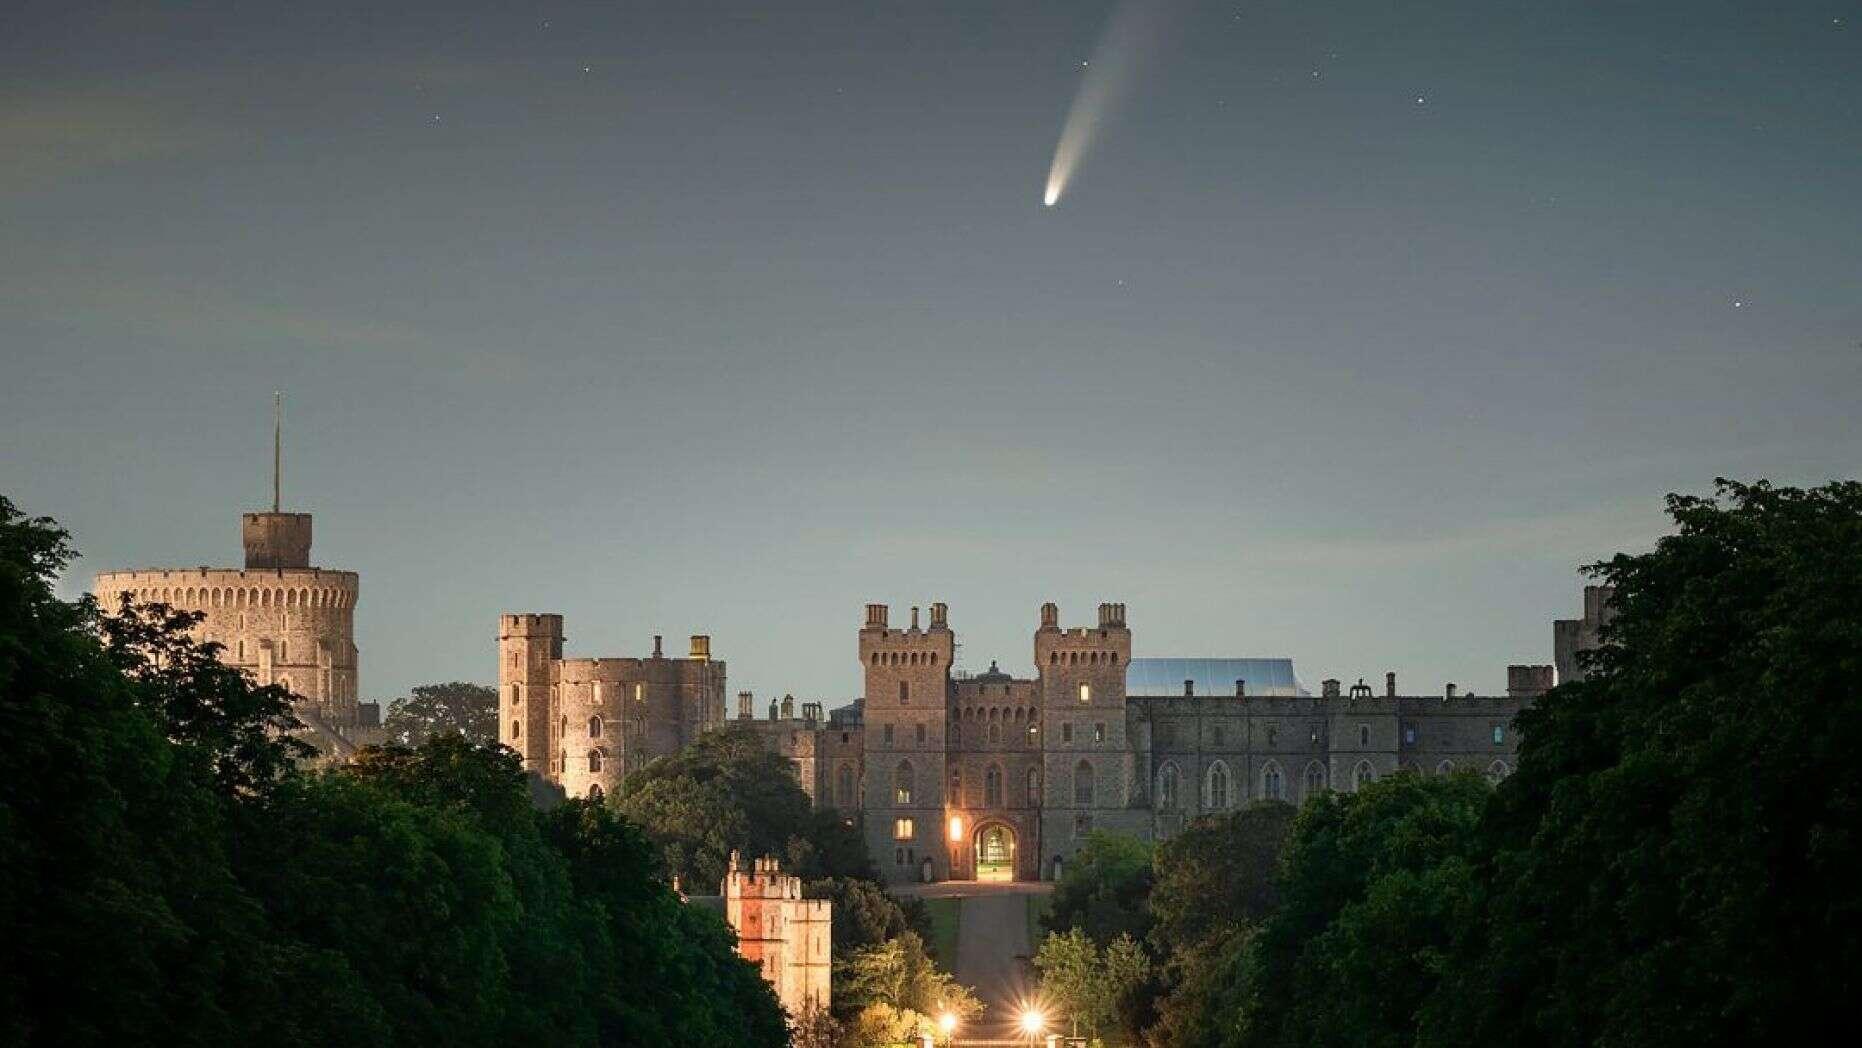 La cometa NEOWISE avvistata sul Castello di Windsor in una foto incredibile